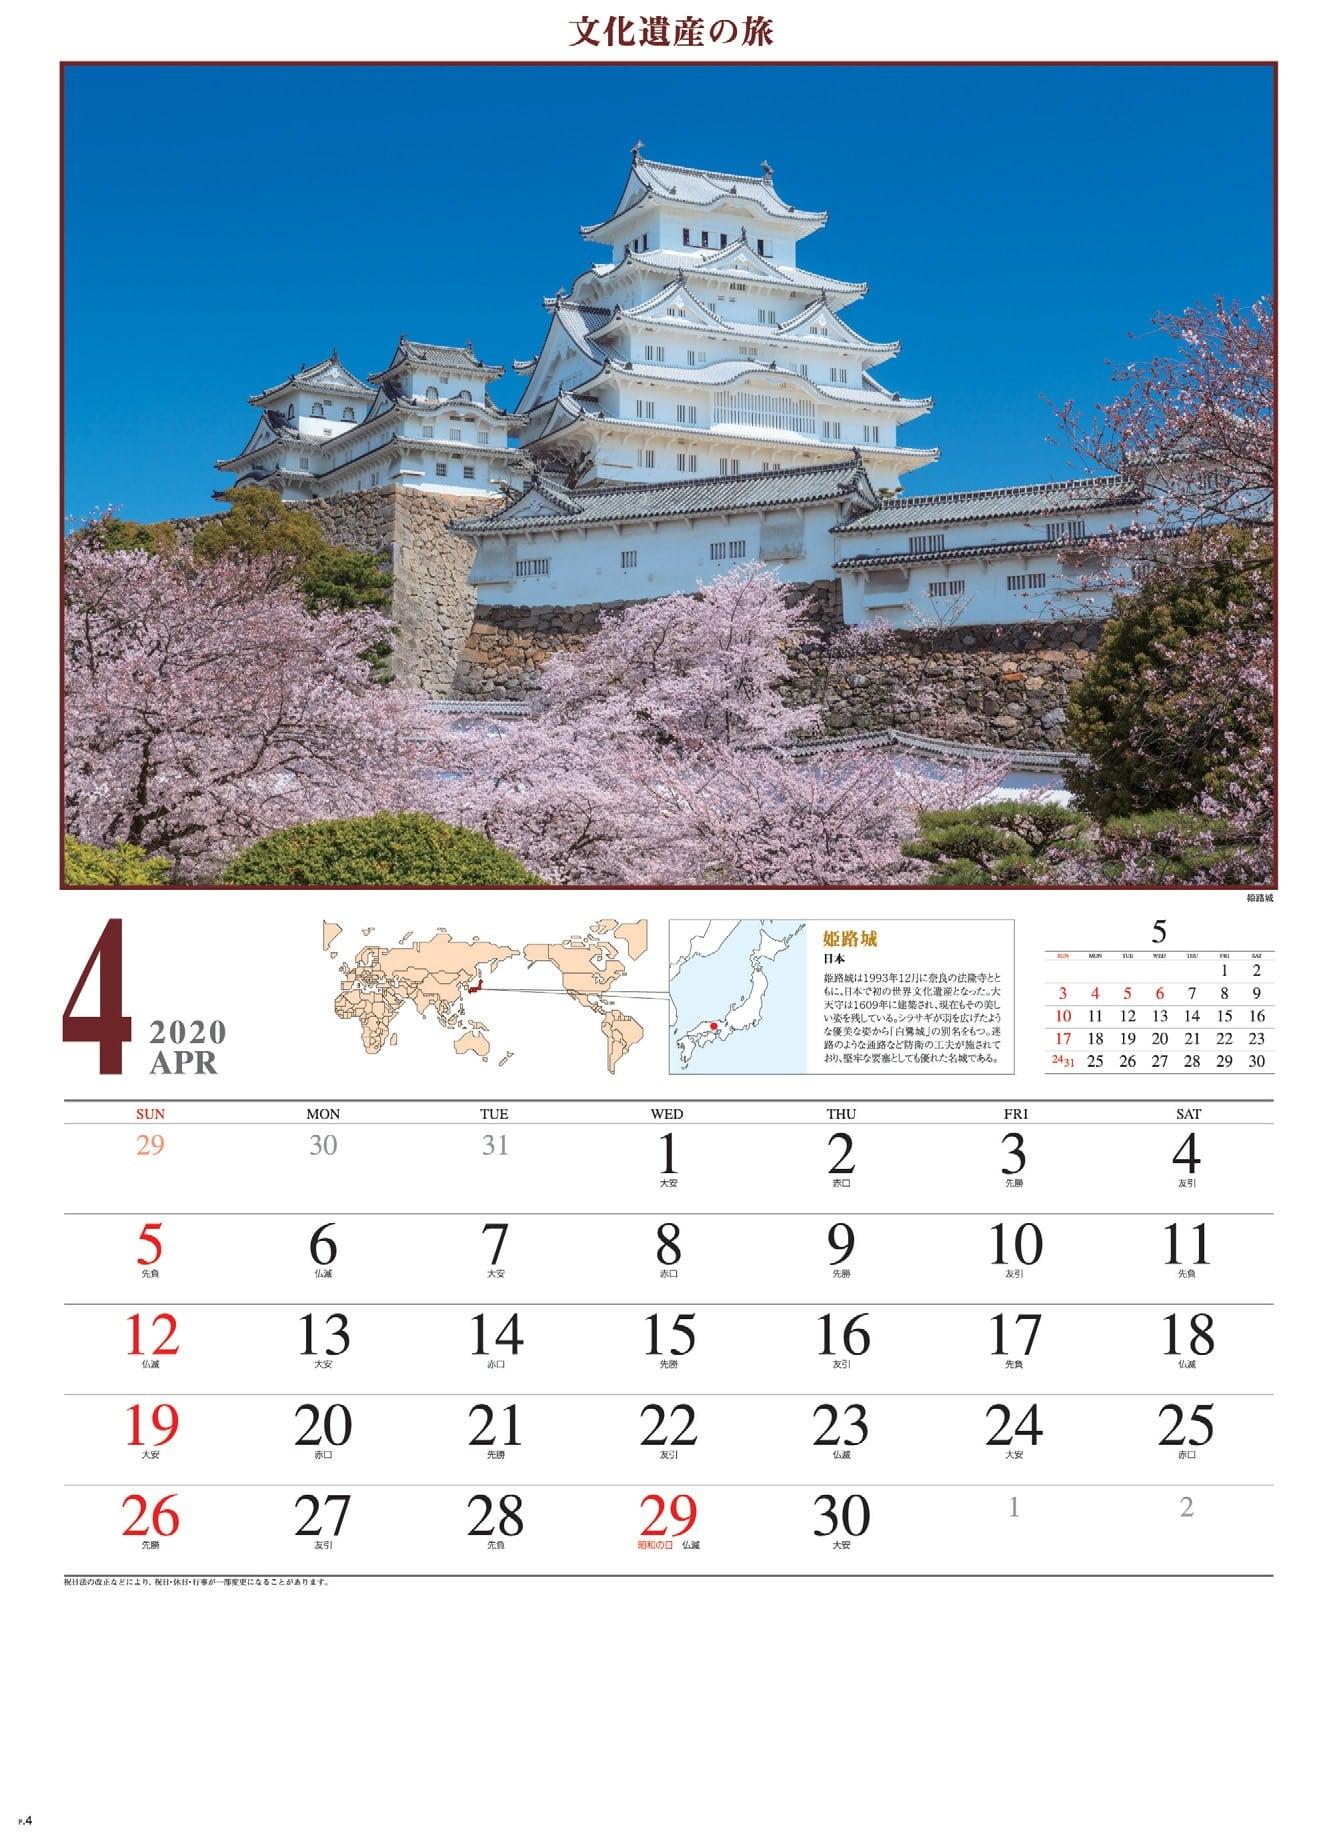 画像:姫路城(日本) 文化遺産の旅(ユネスコ世界遺産) 2020年カレンダー